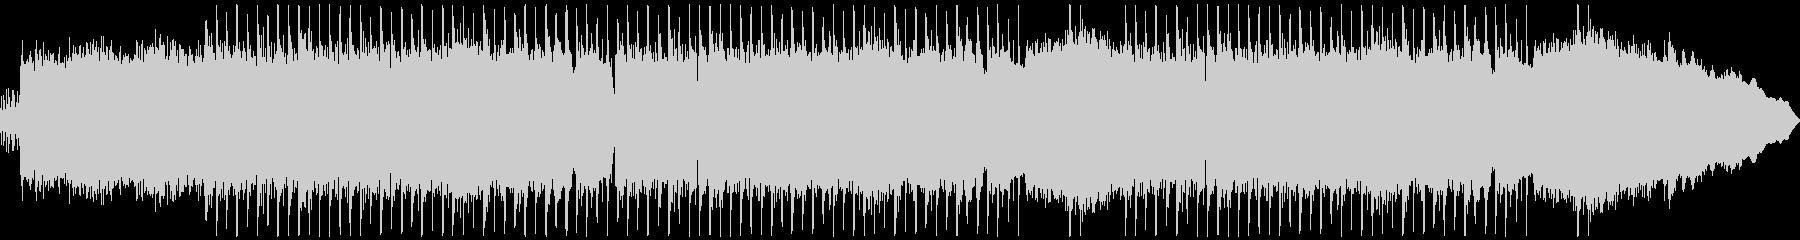 クラシックメタル。モンスターロッキ...の未再生の波形